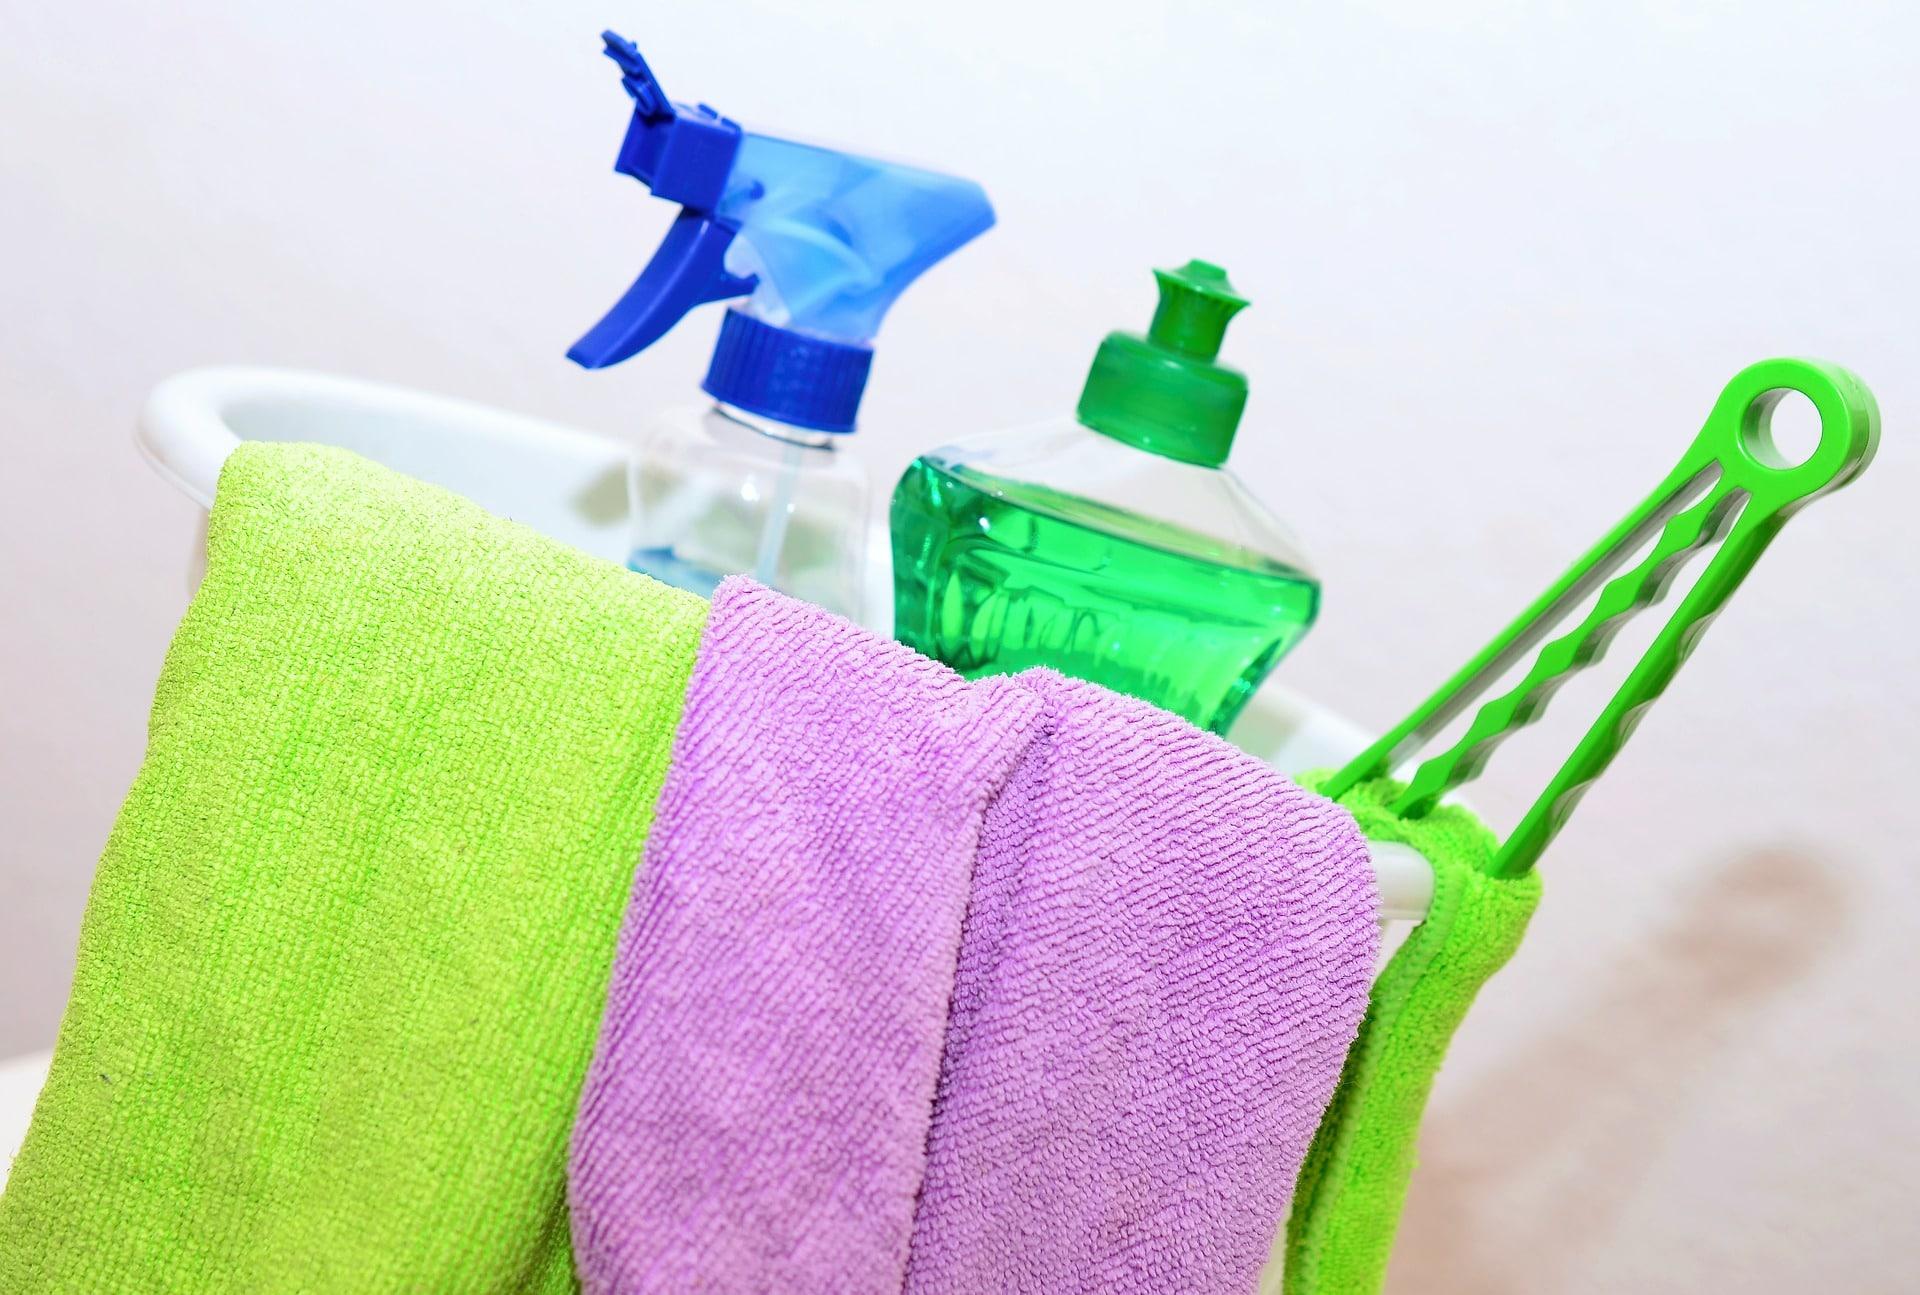 Jak na čistou domácnost rychle a efektivně? 1